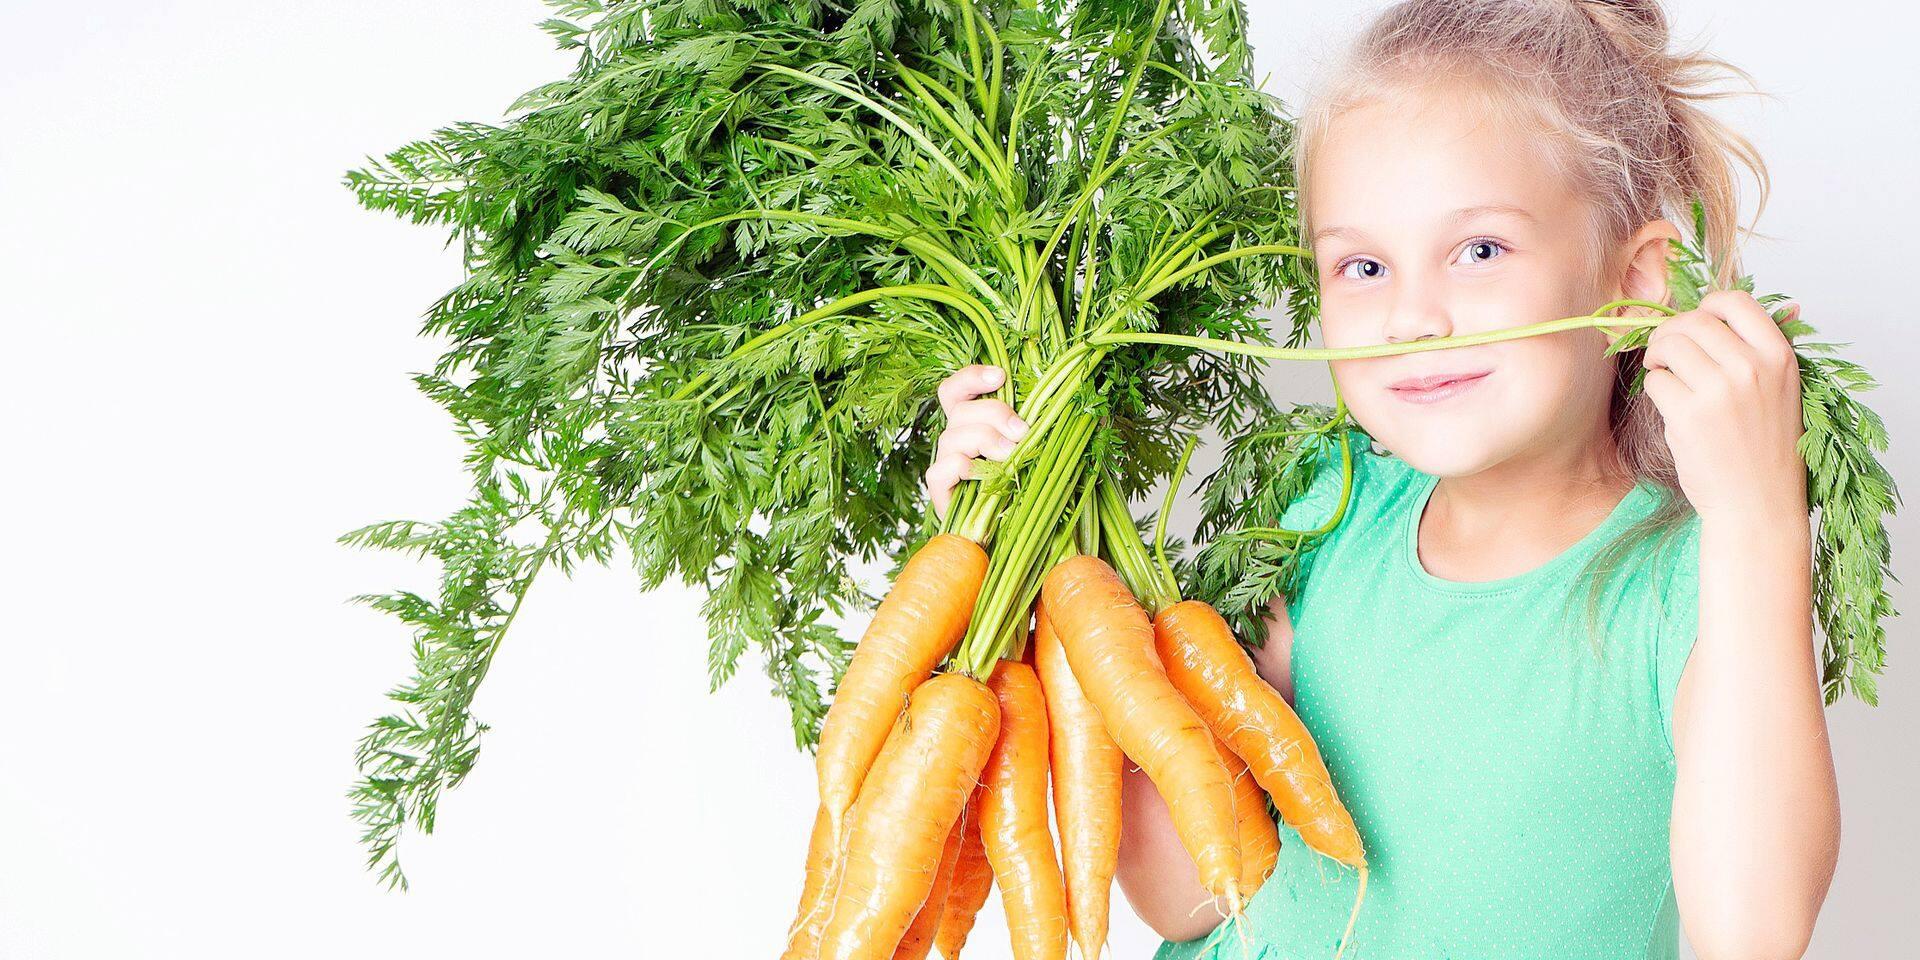 """Ouvrir mon quotidien : """"5 fruits et légumes par jour"""", c'est un vrai bon conseil"""